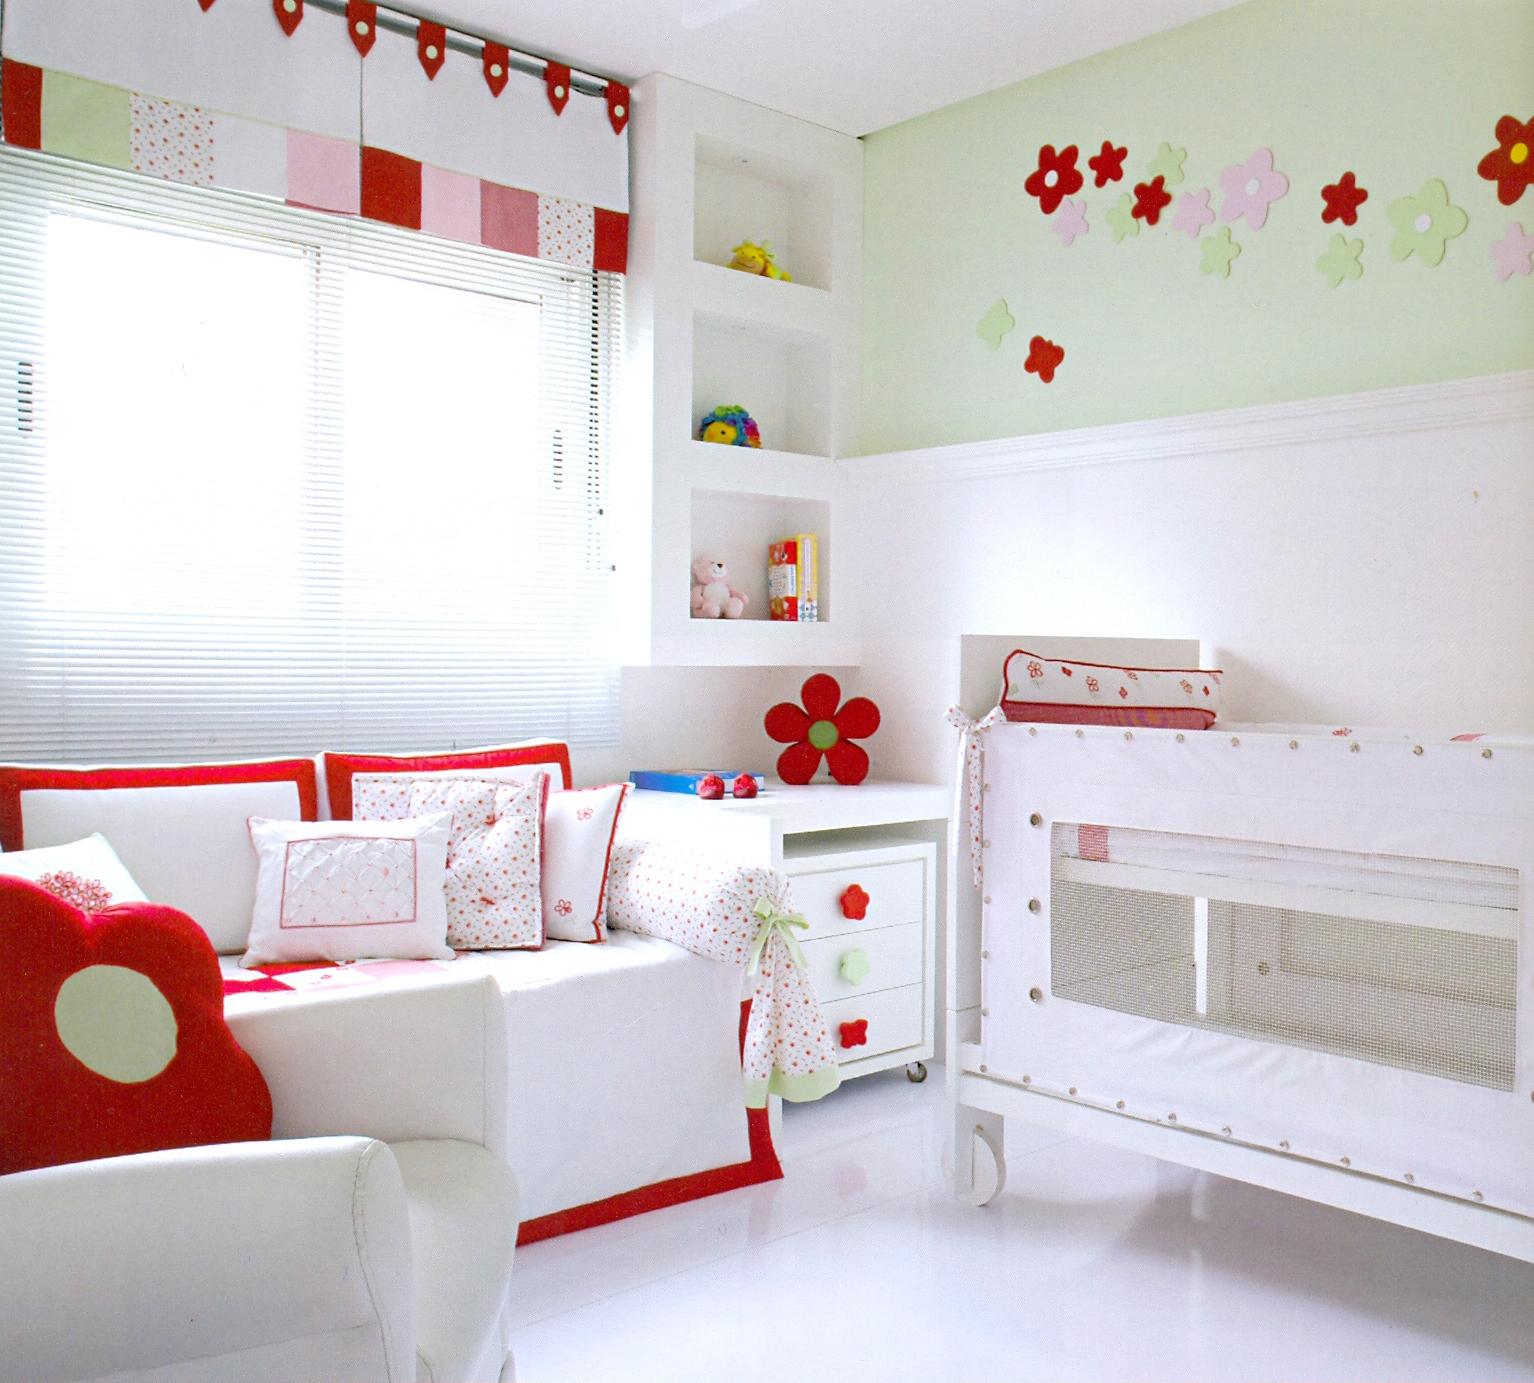 #8E160F Copiando e Decorando.: Quarto de bebê MENINA 1534x1383 px vermelho banheiro feng shui